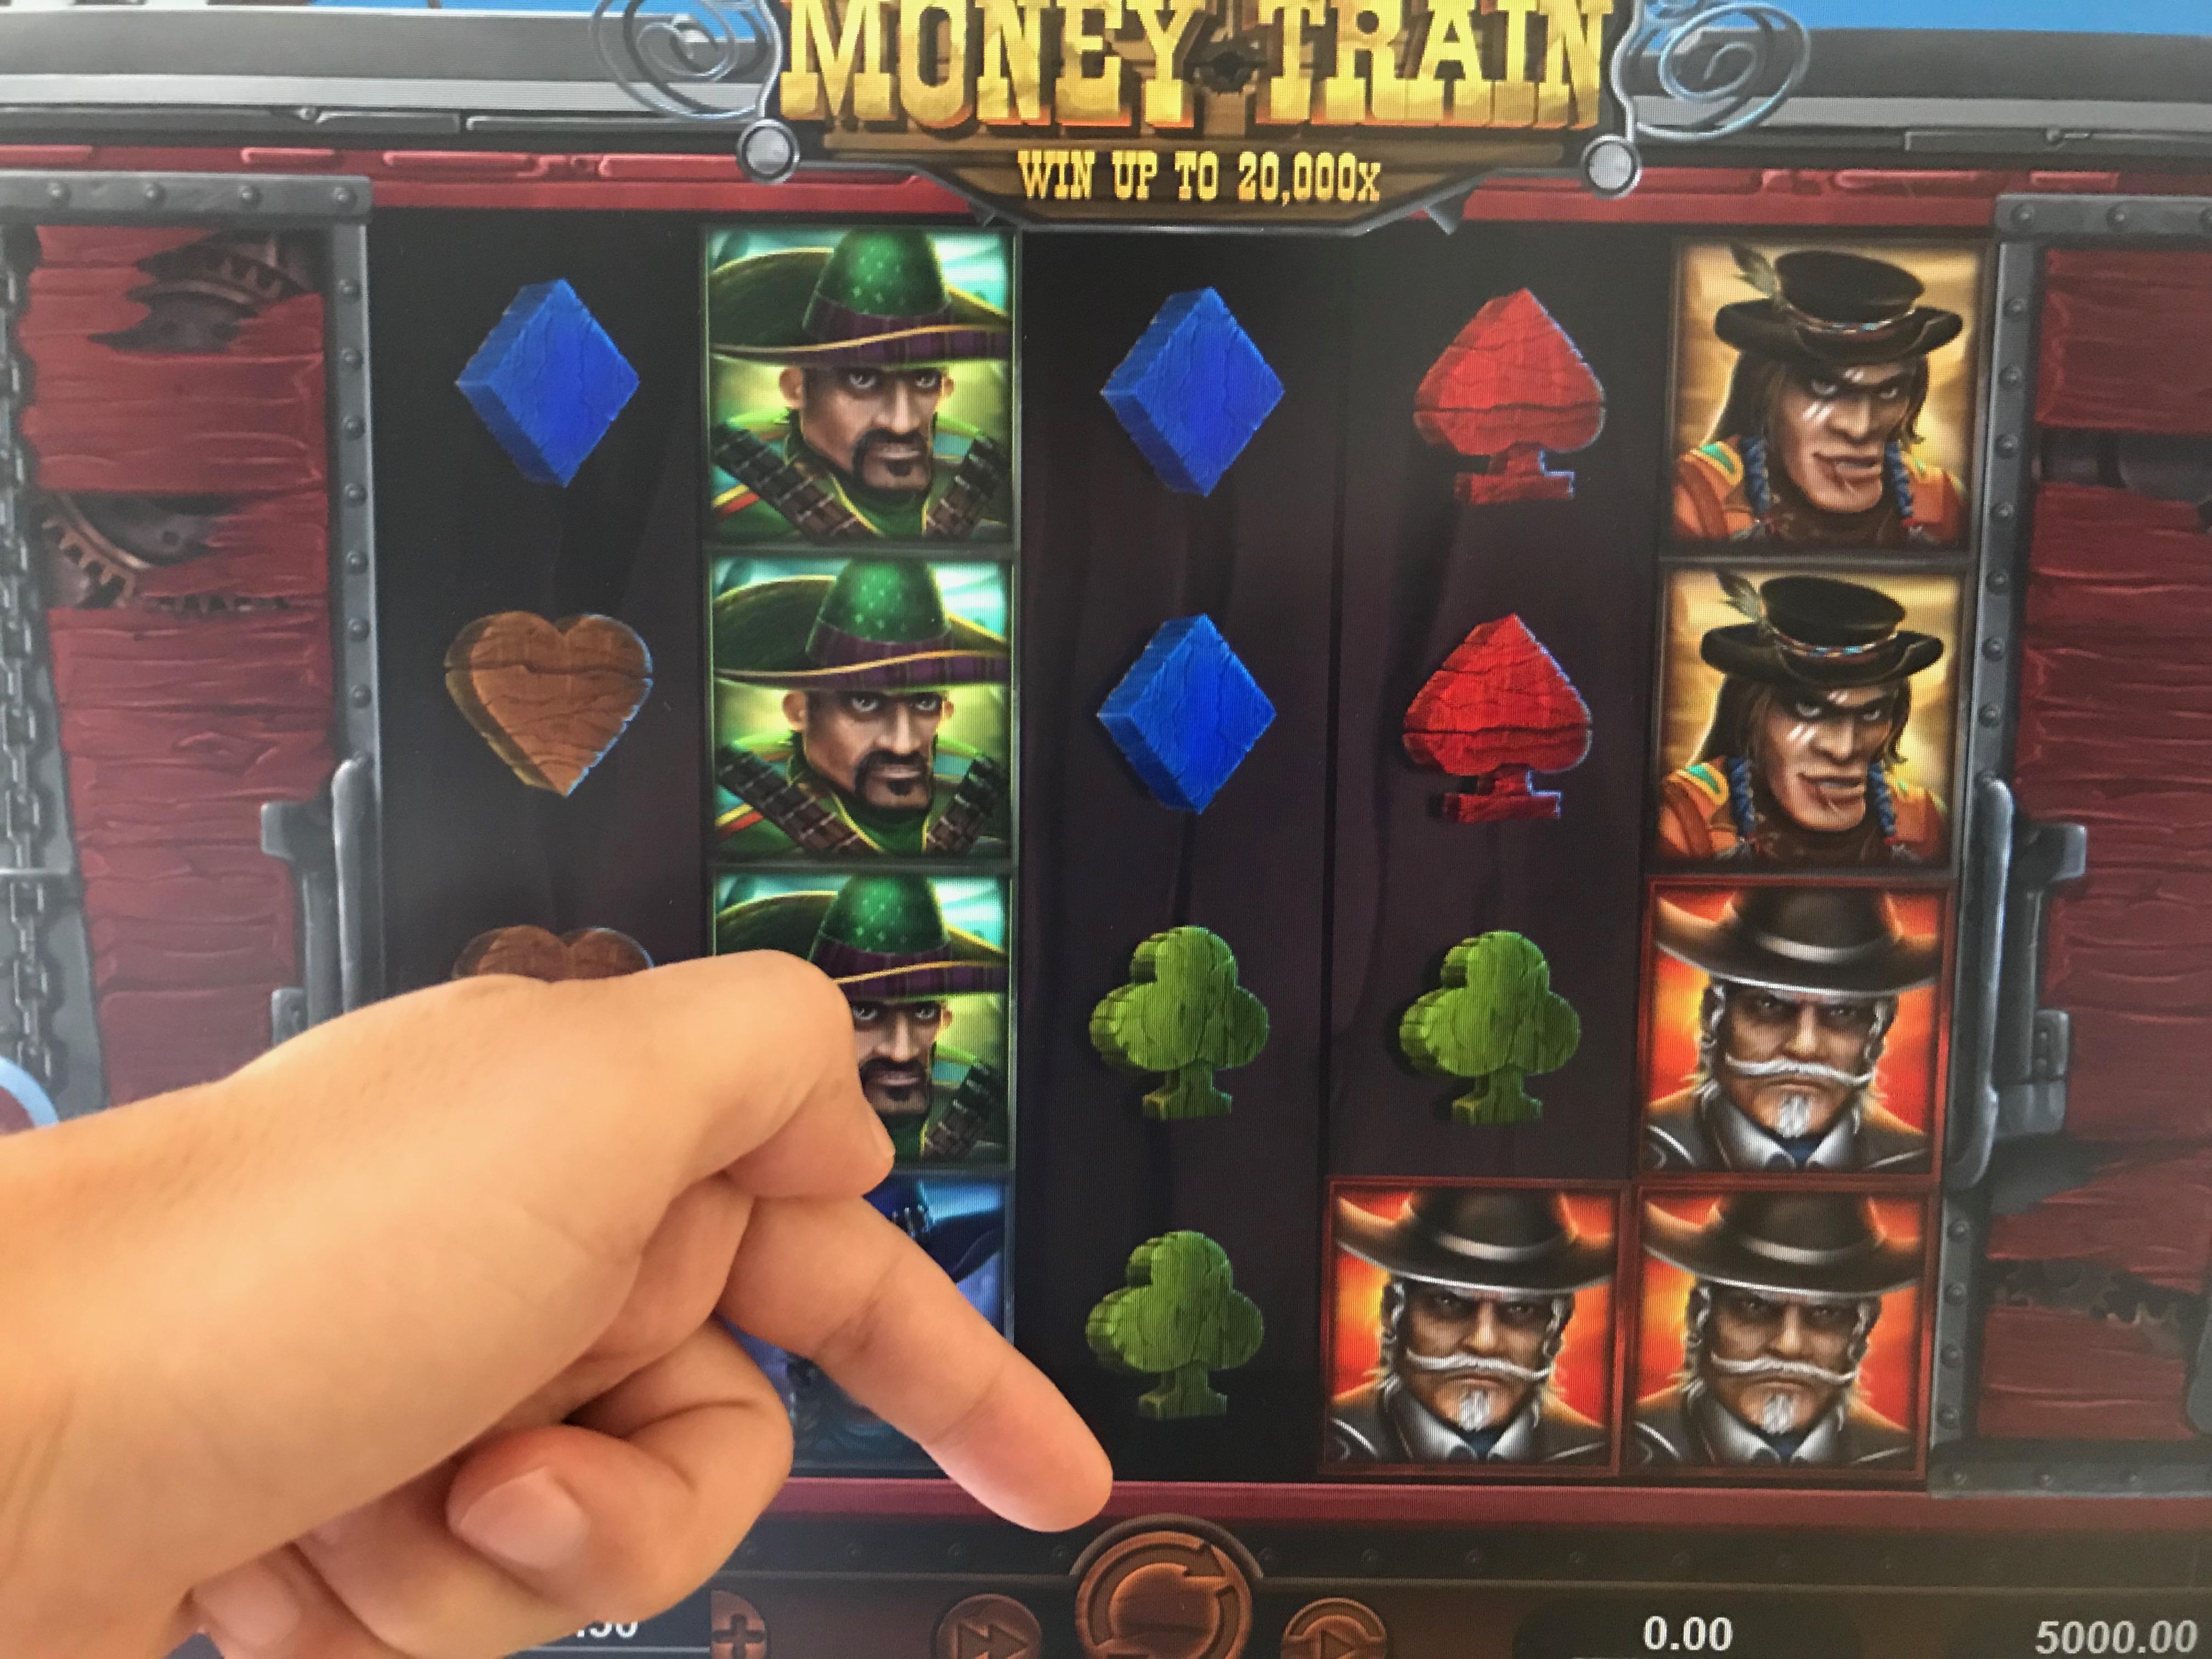 Money Trainのスピンボタン